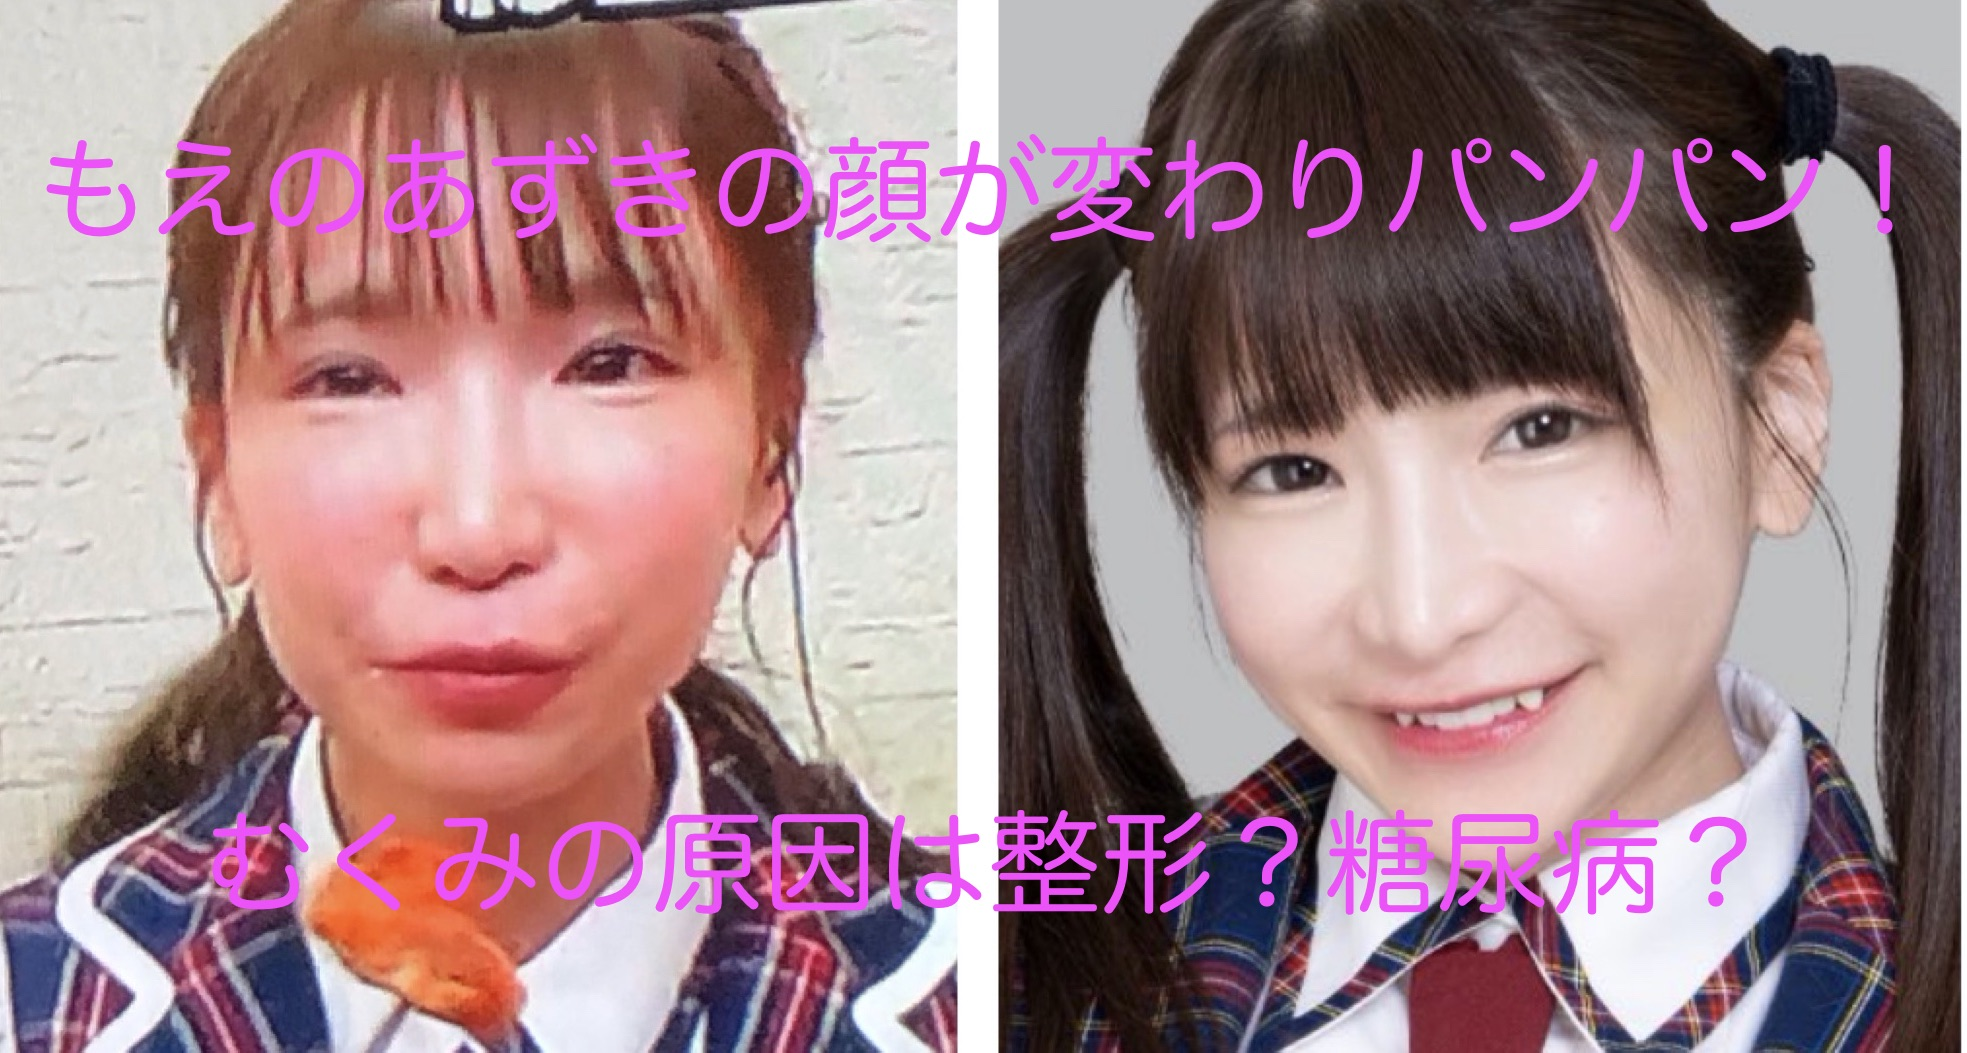 もえ の あずき 整形 【画像】もえのあずきは整形で顔が変わった?目の二重と鼻も?昔と比...